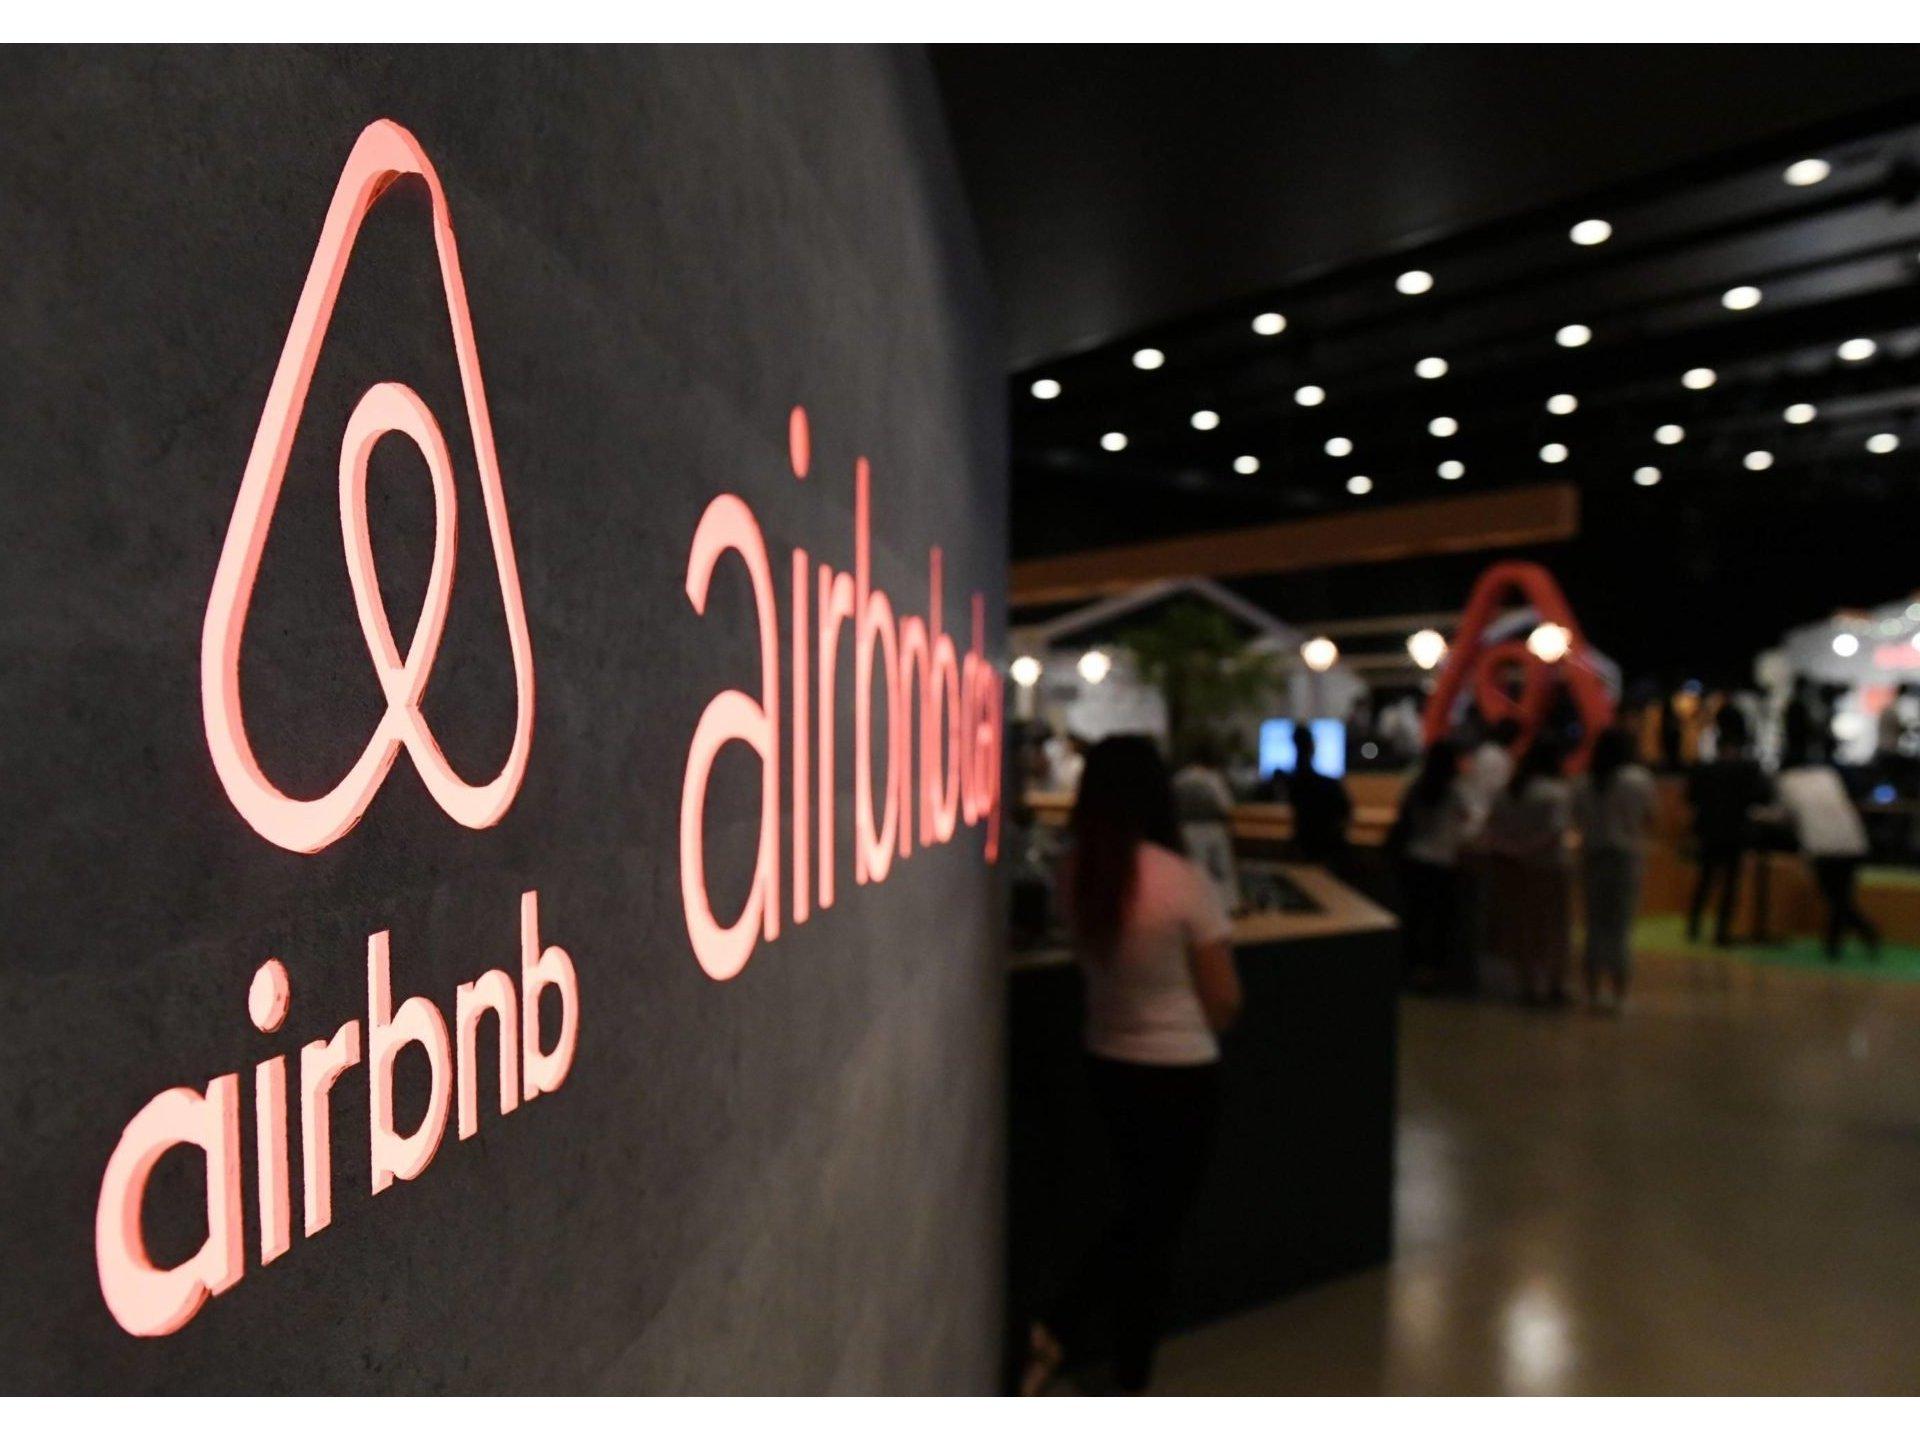 Μπράιαν Τσέσκι (Airbnb): Ετοιμαστείτε για το ριμπάουντ του αιώνα στον τουρισμό (newmoney.gr)